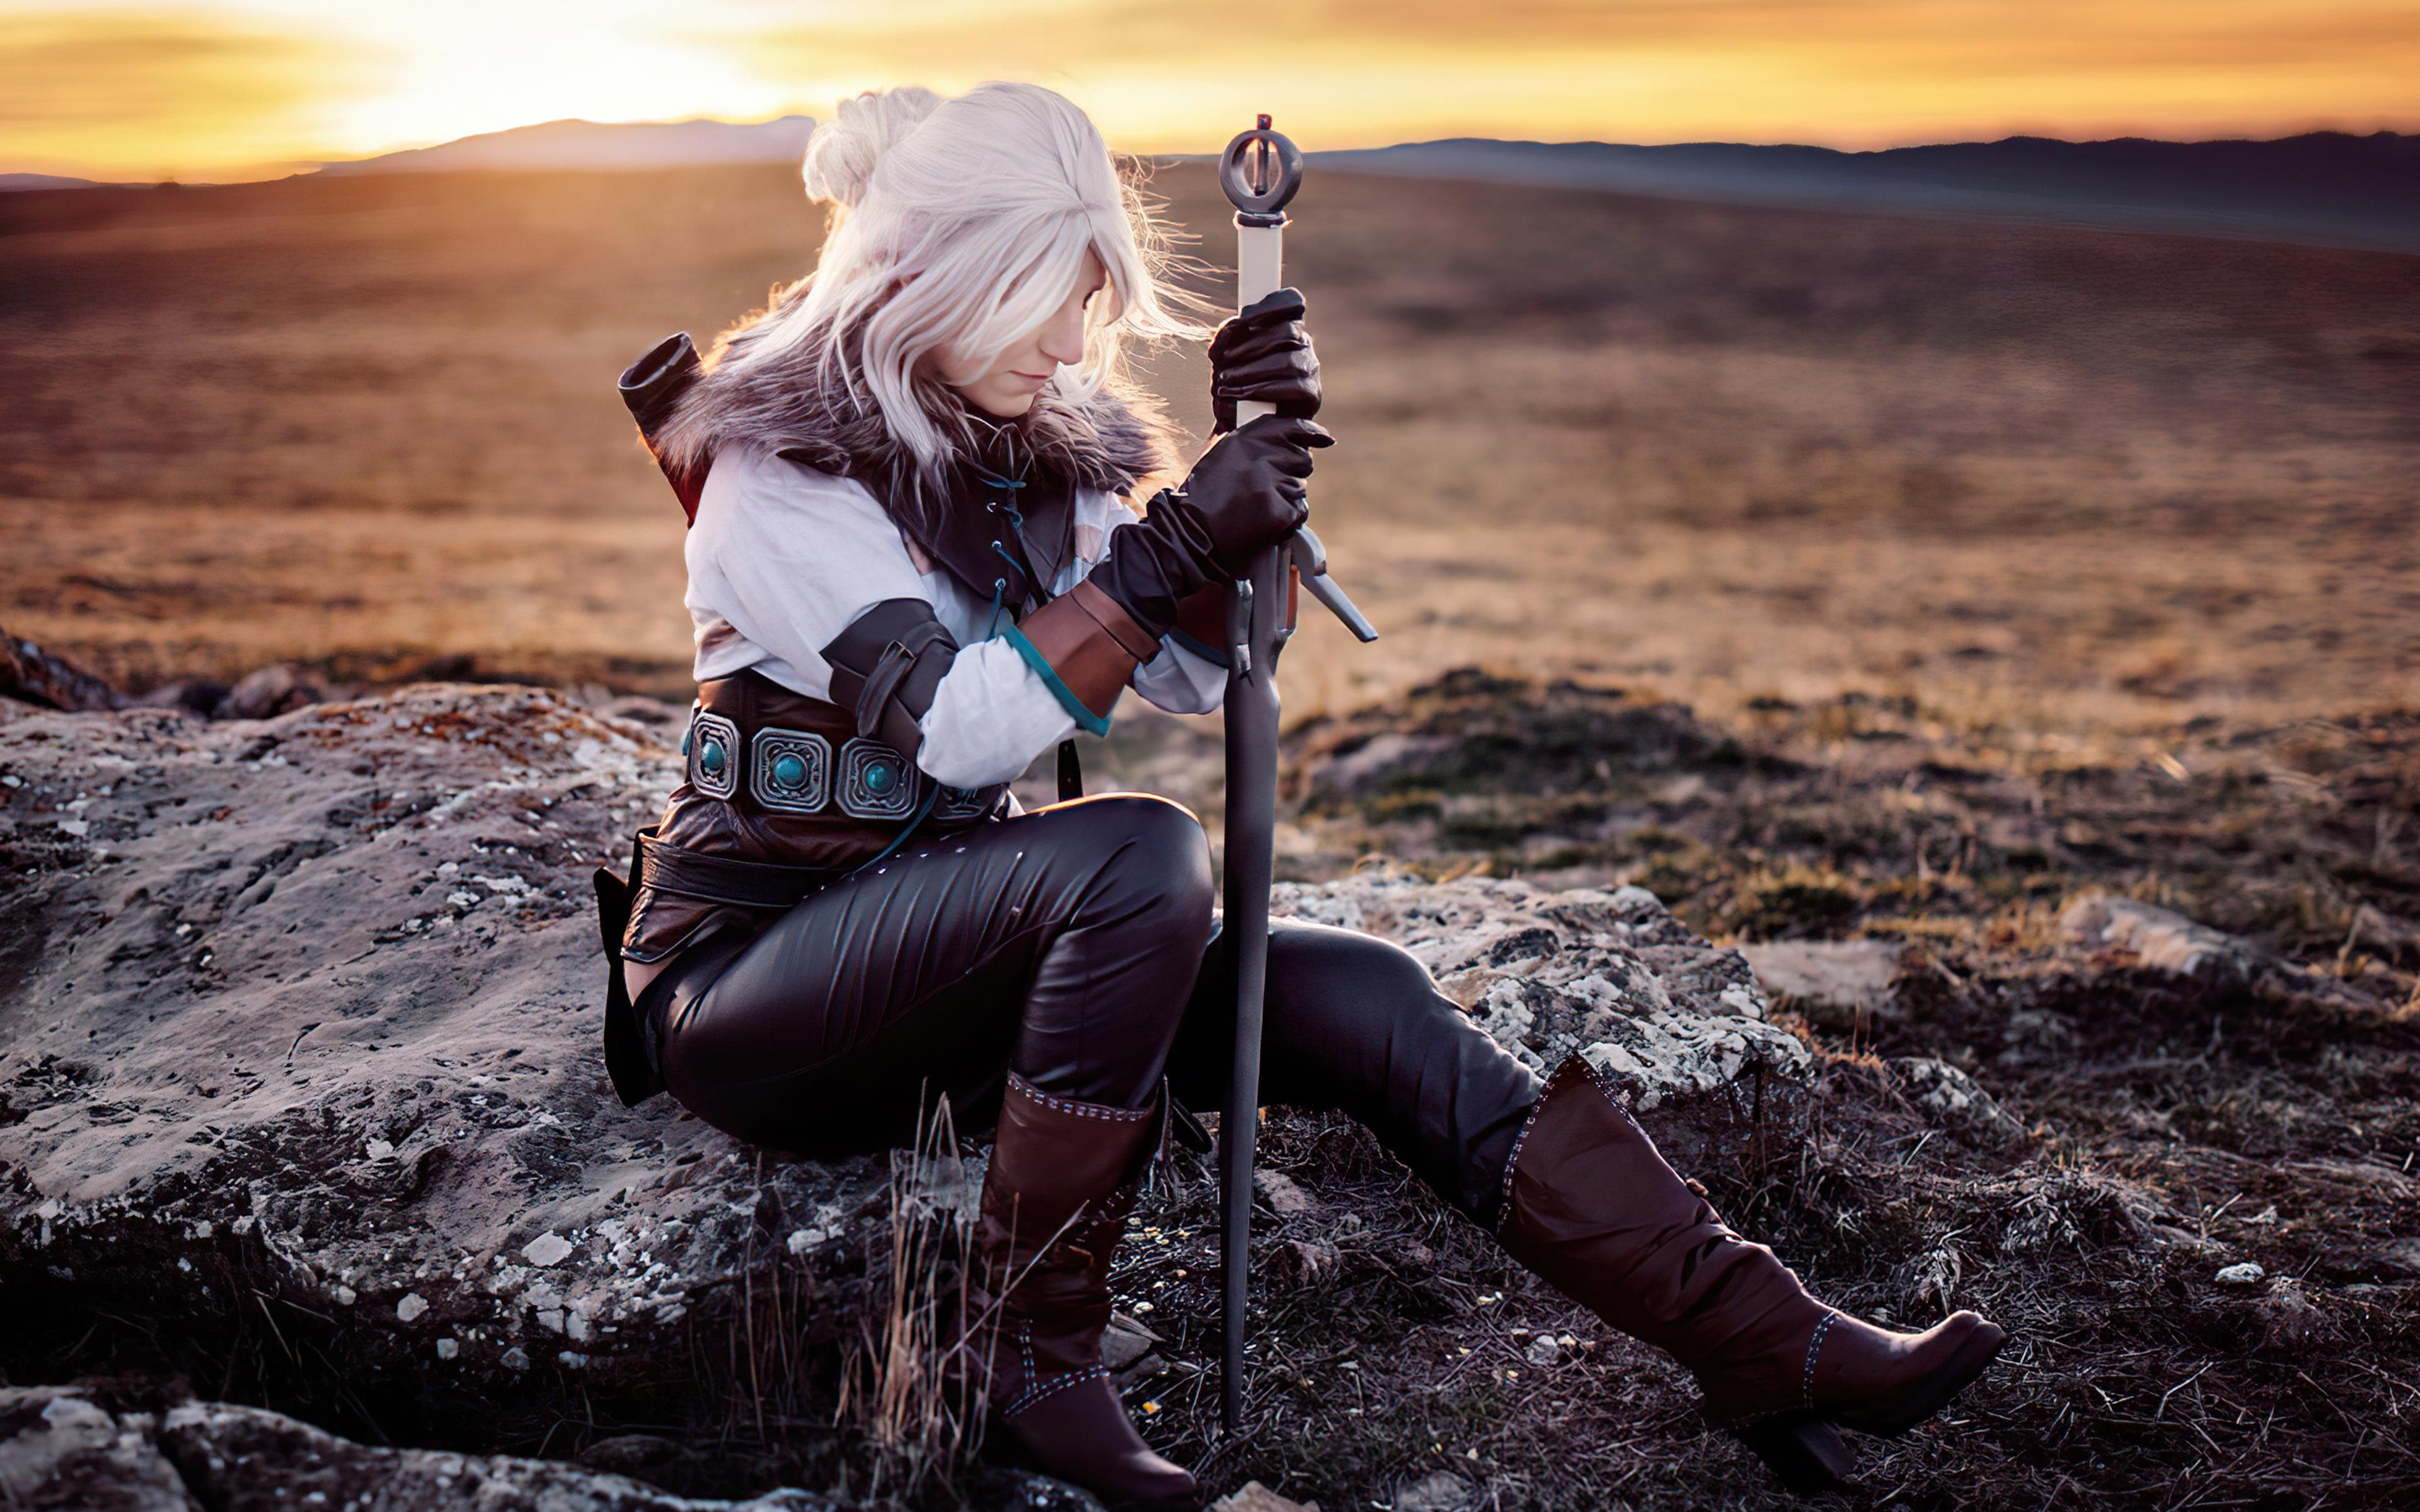 ciri-cosplay-girl-4k-30.jpg